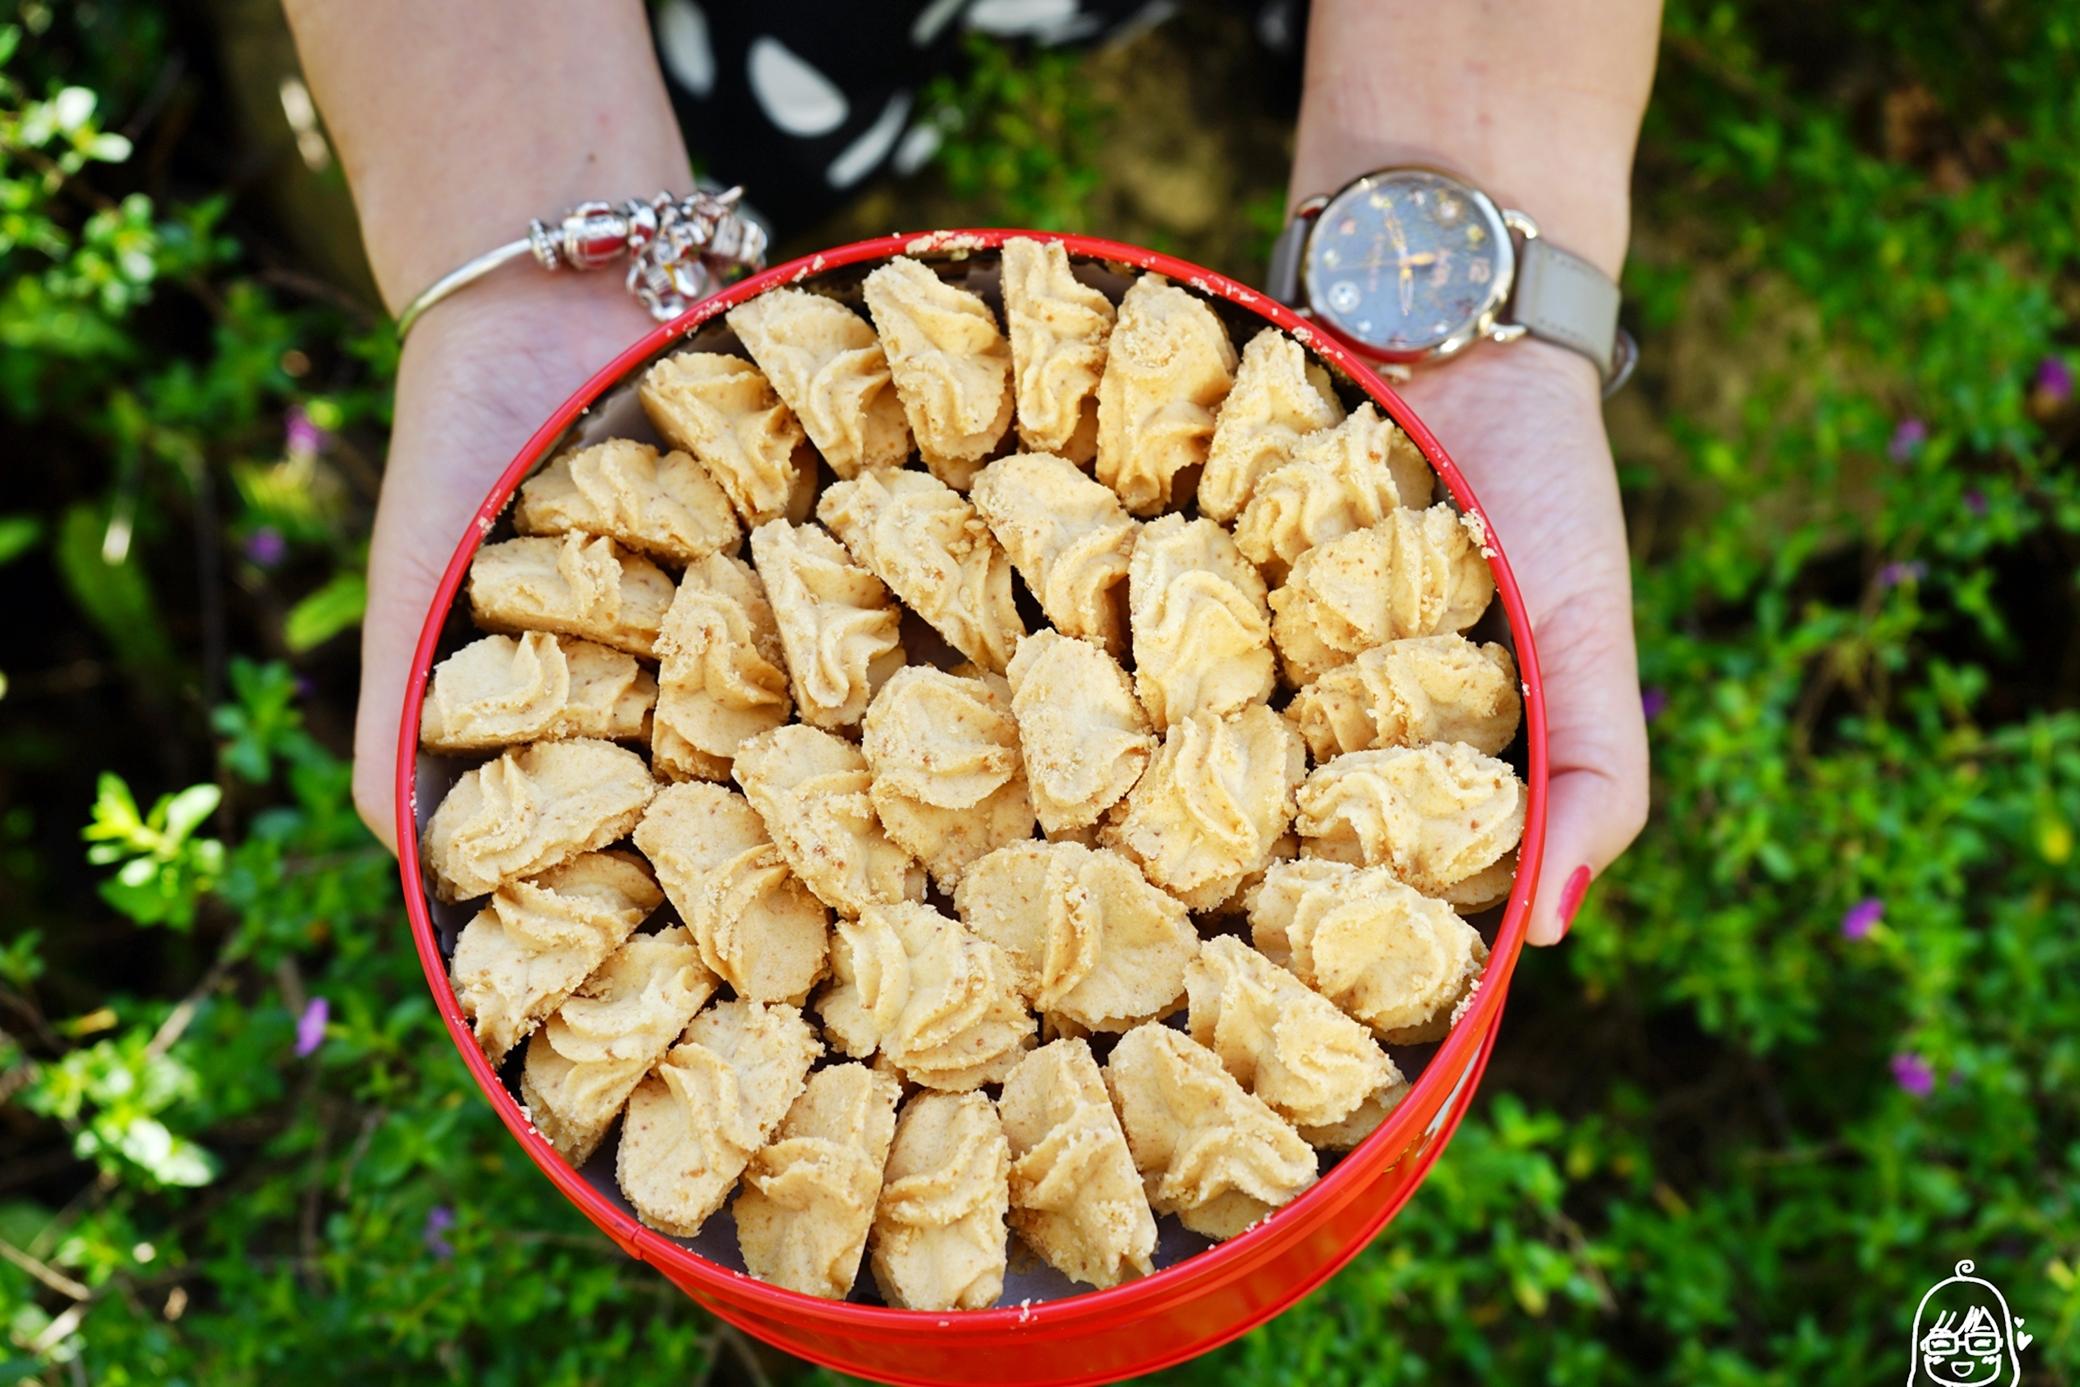 『台中。西屯』 愛威Cookies Shop 鐵盒手工曲奇餅乾 1/7~1/29快閃台中大遠百|來自大甲的必買伴手禮 我心目中第一名的曲奇餅 大遠百快閃價全面95折還有滿額贈好禮  報我名字還有打9折粉絲價喔。